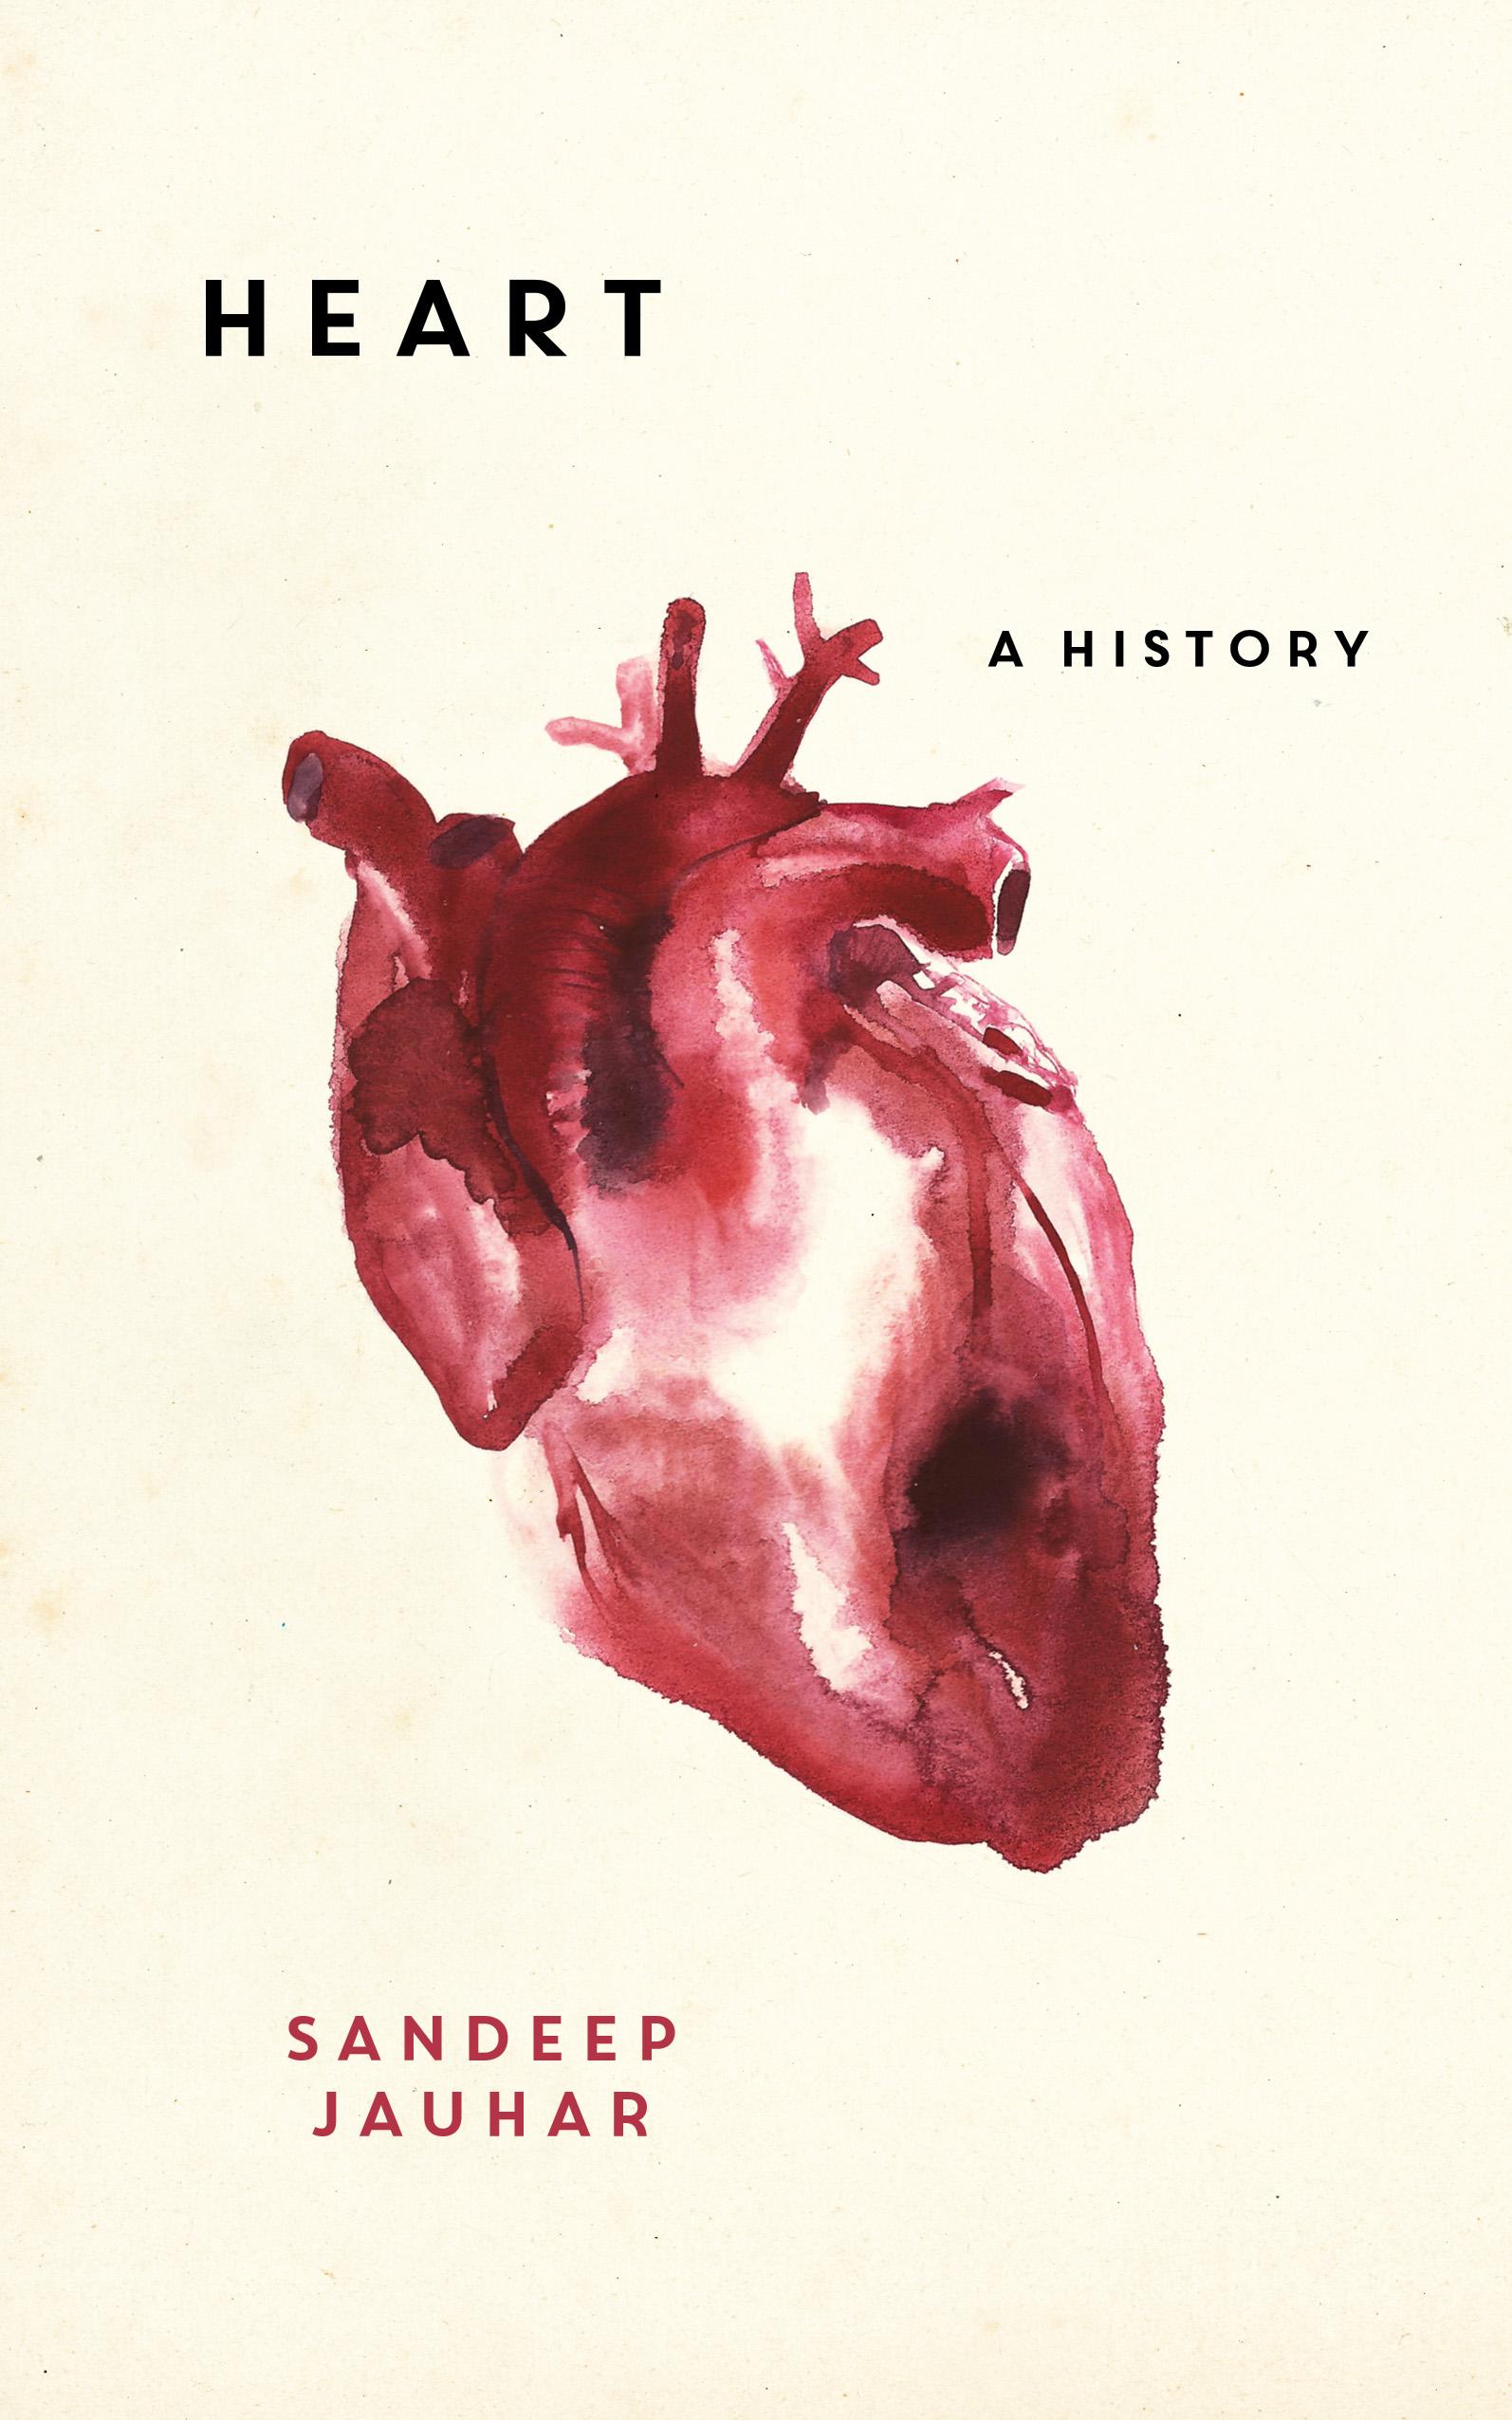 Heart by sandeep jauhar hb cover